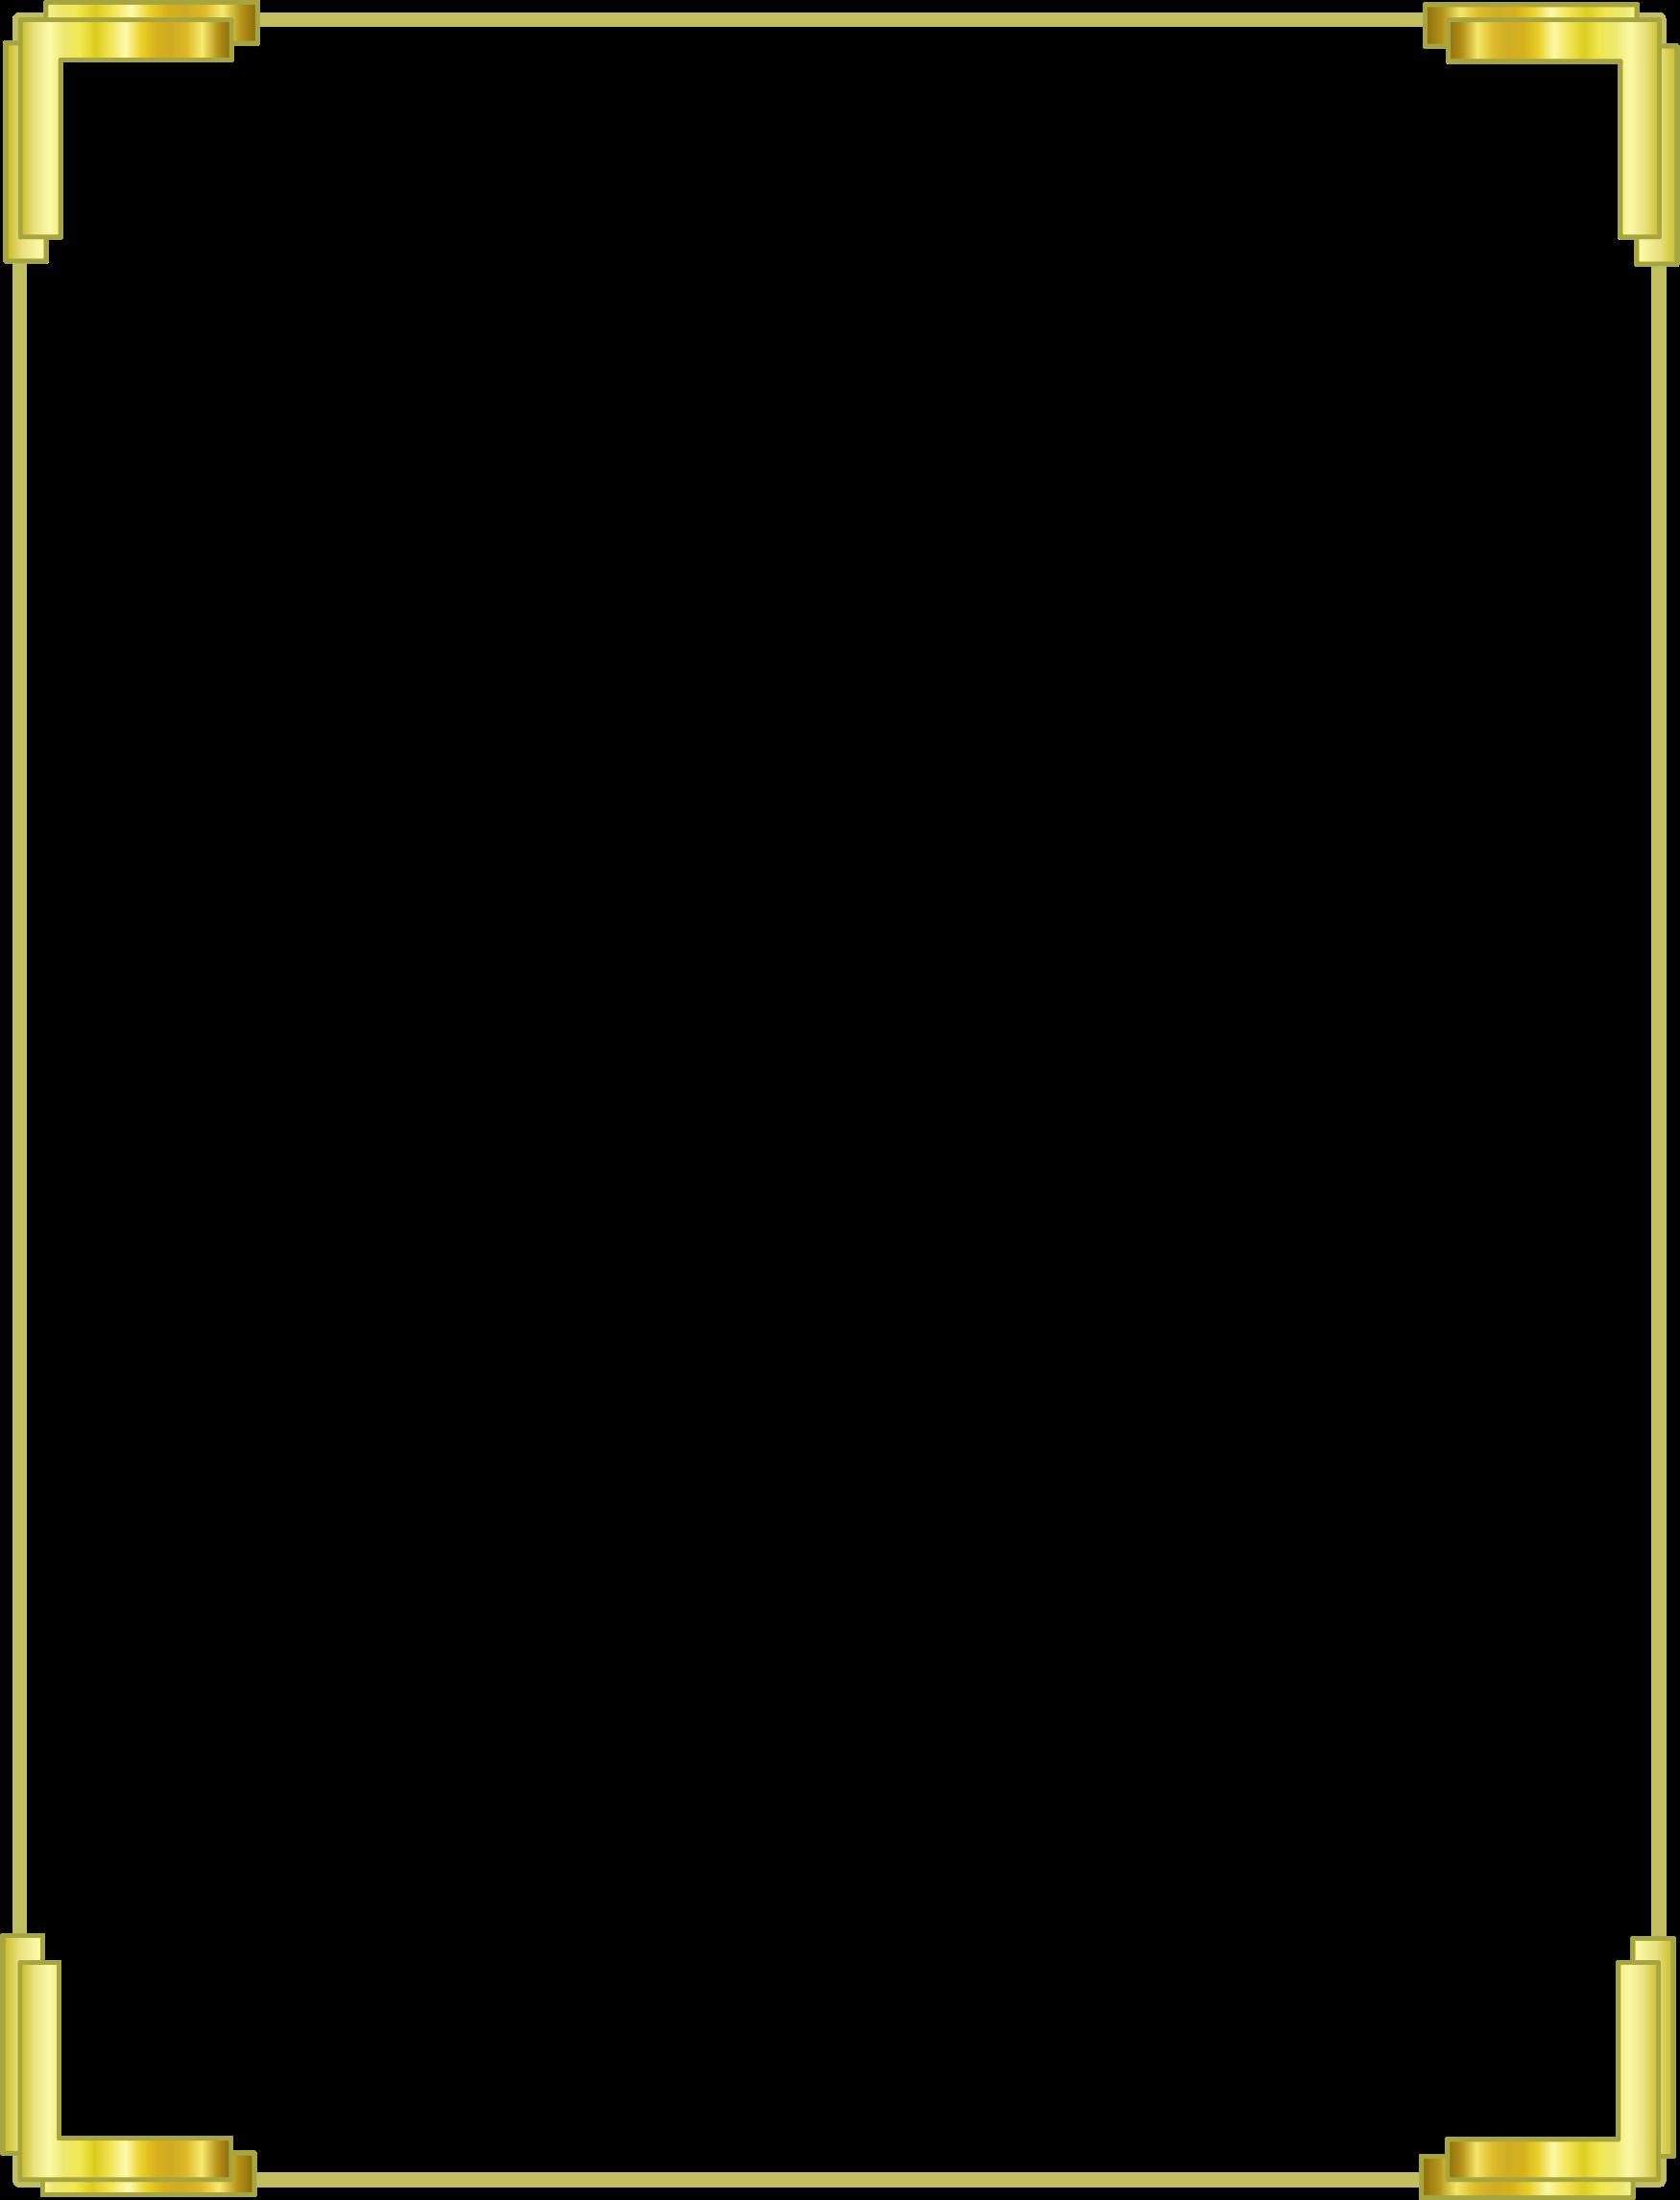 Gold border png . Emoji clipart frame